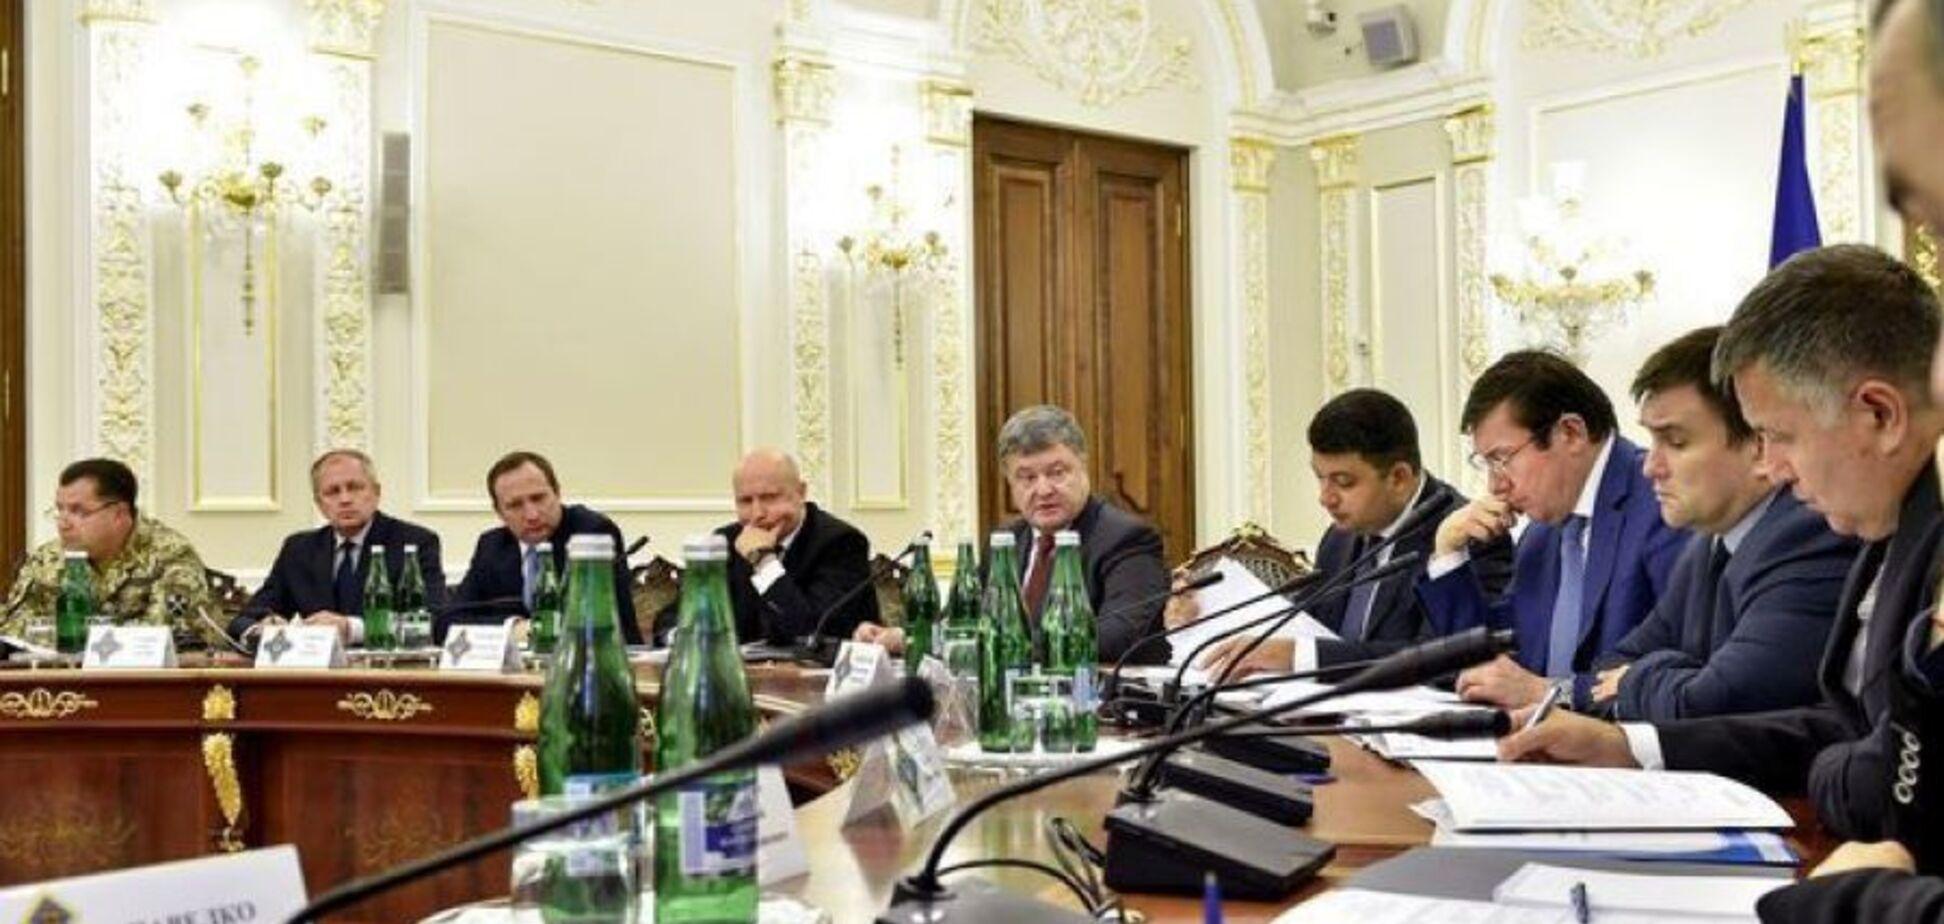 Україна приготувала покарання за вибори Путіна у Криму: до РНБО внесли документ